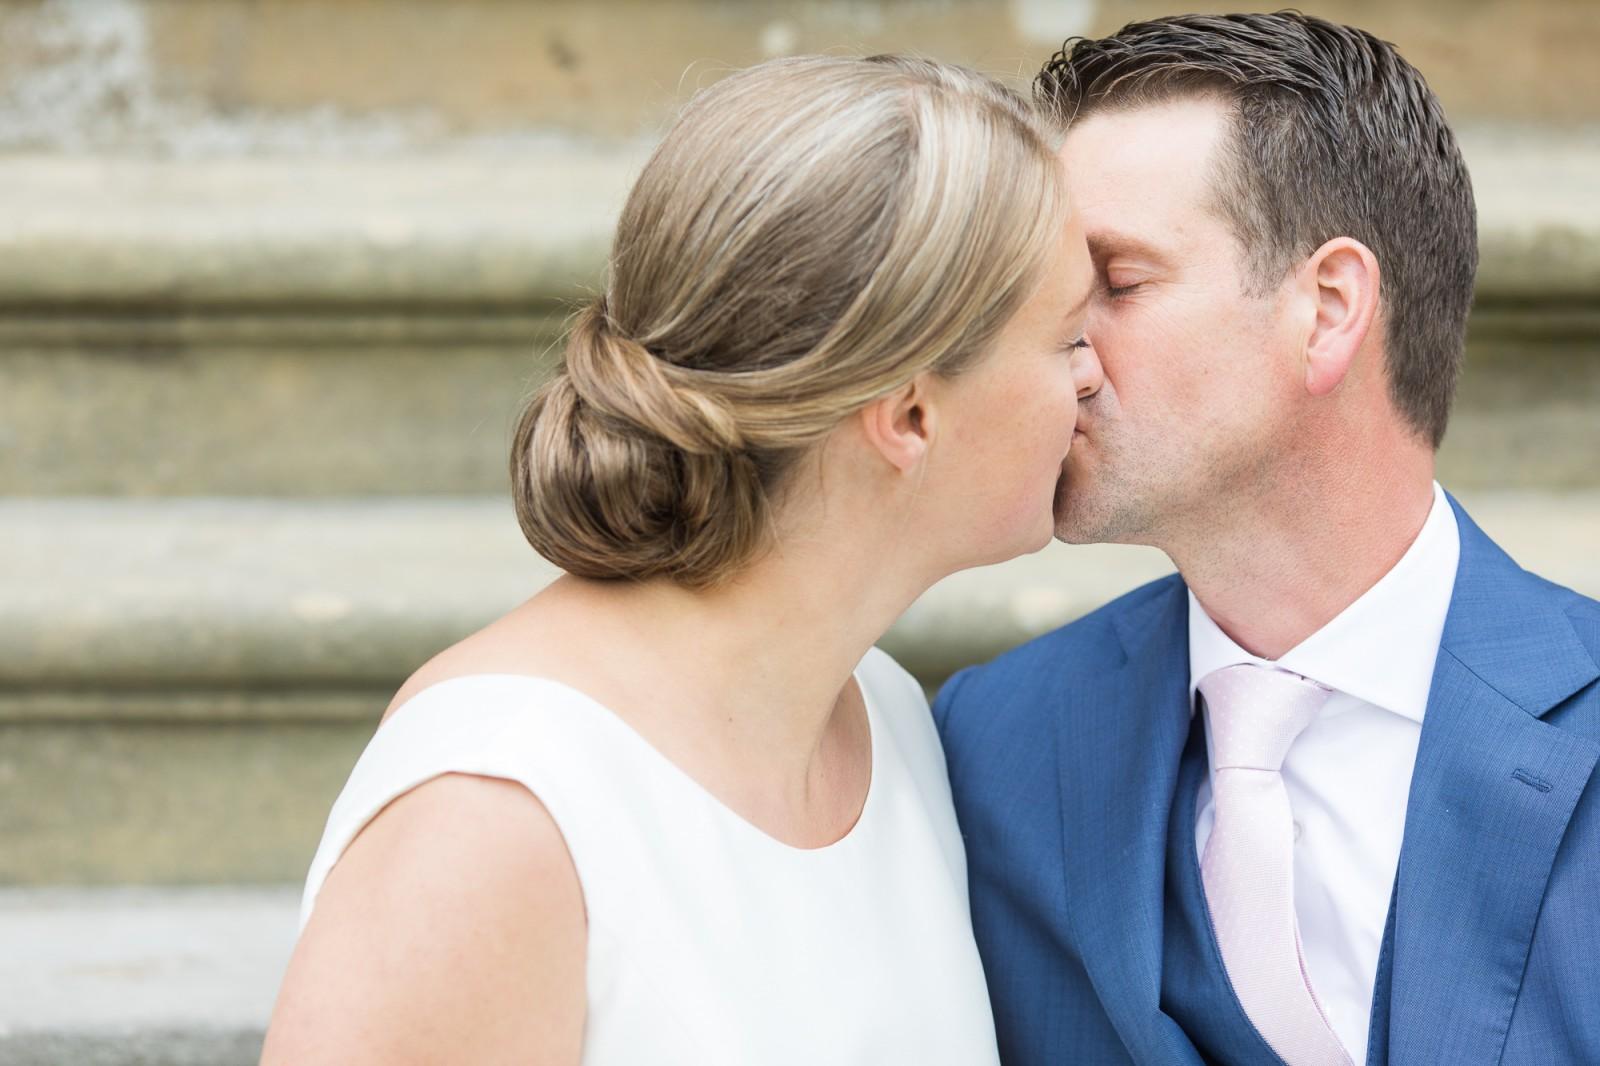 Kus van bruid en bruidegom zittend op een trap